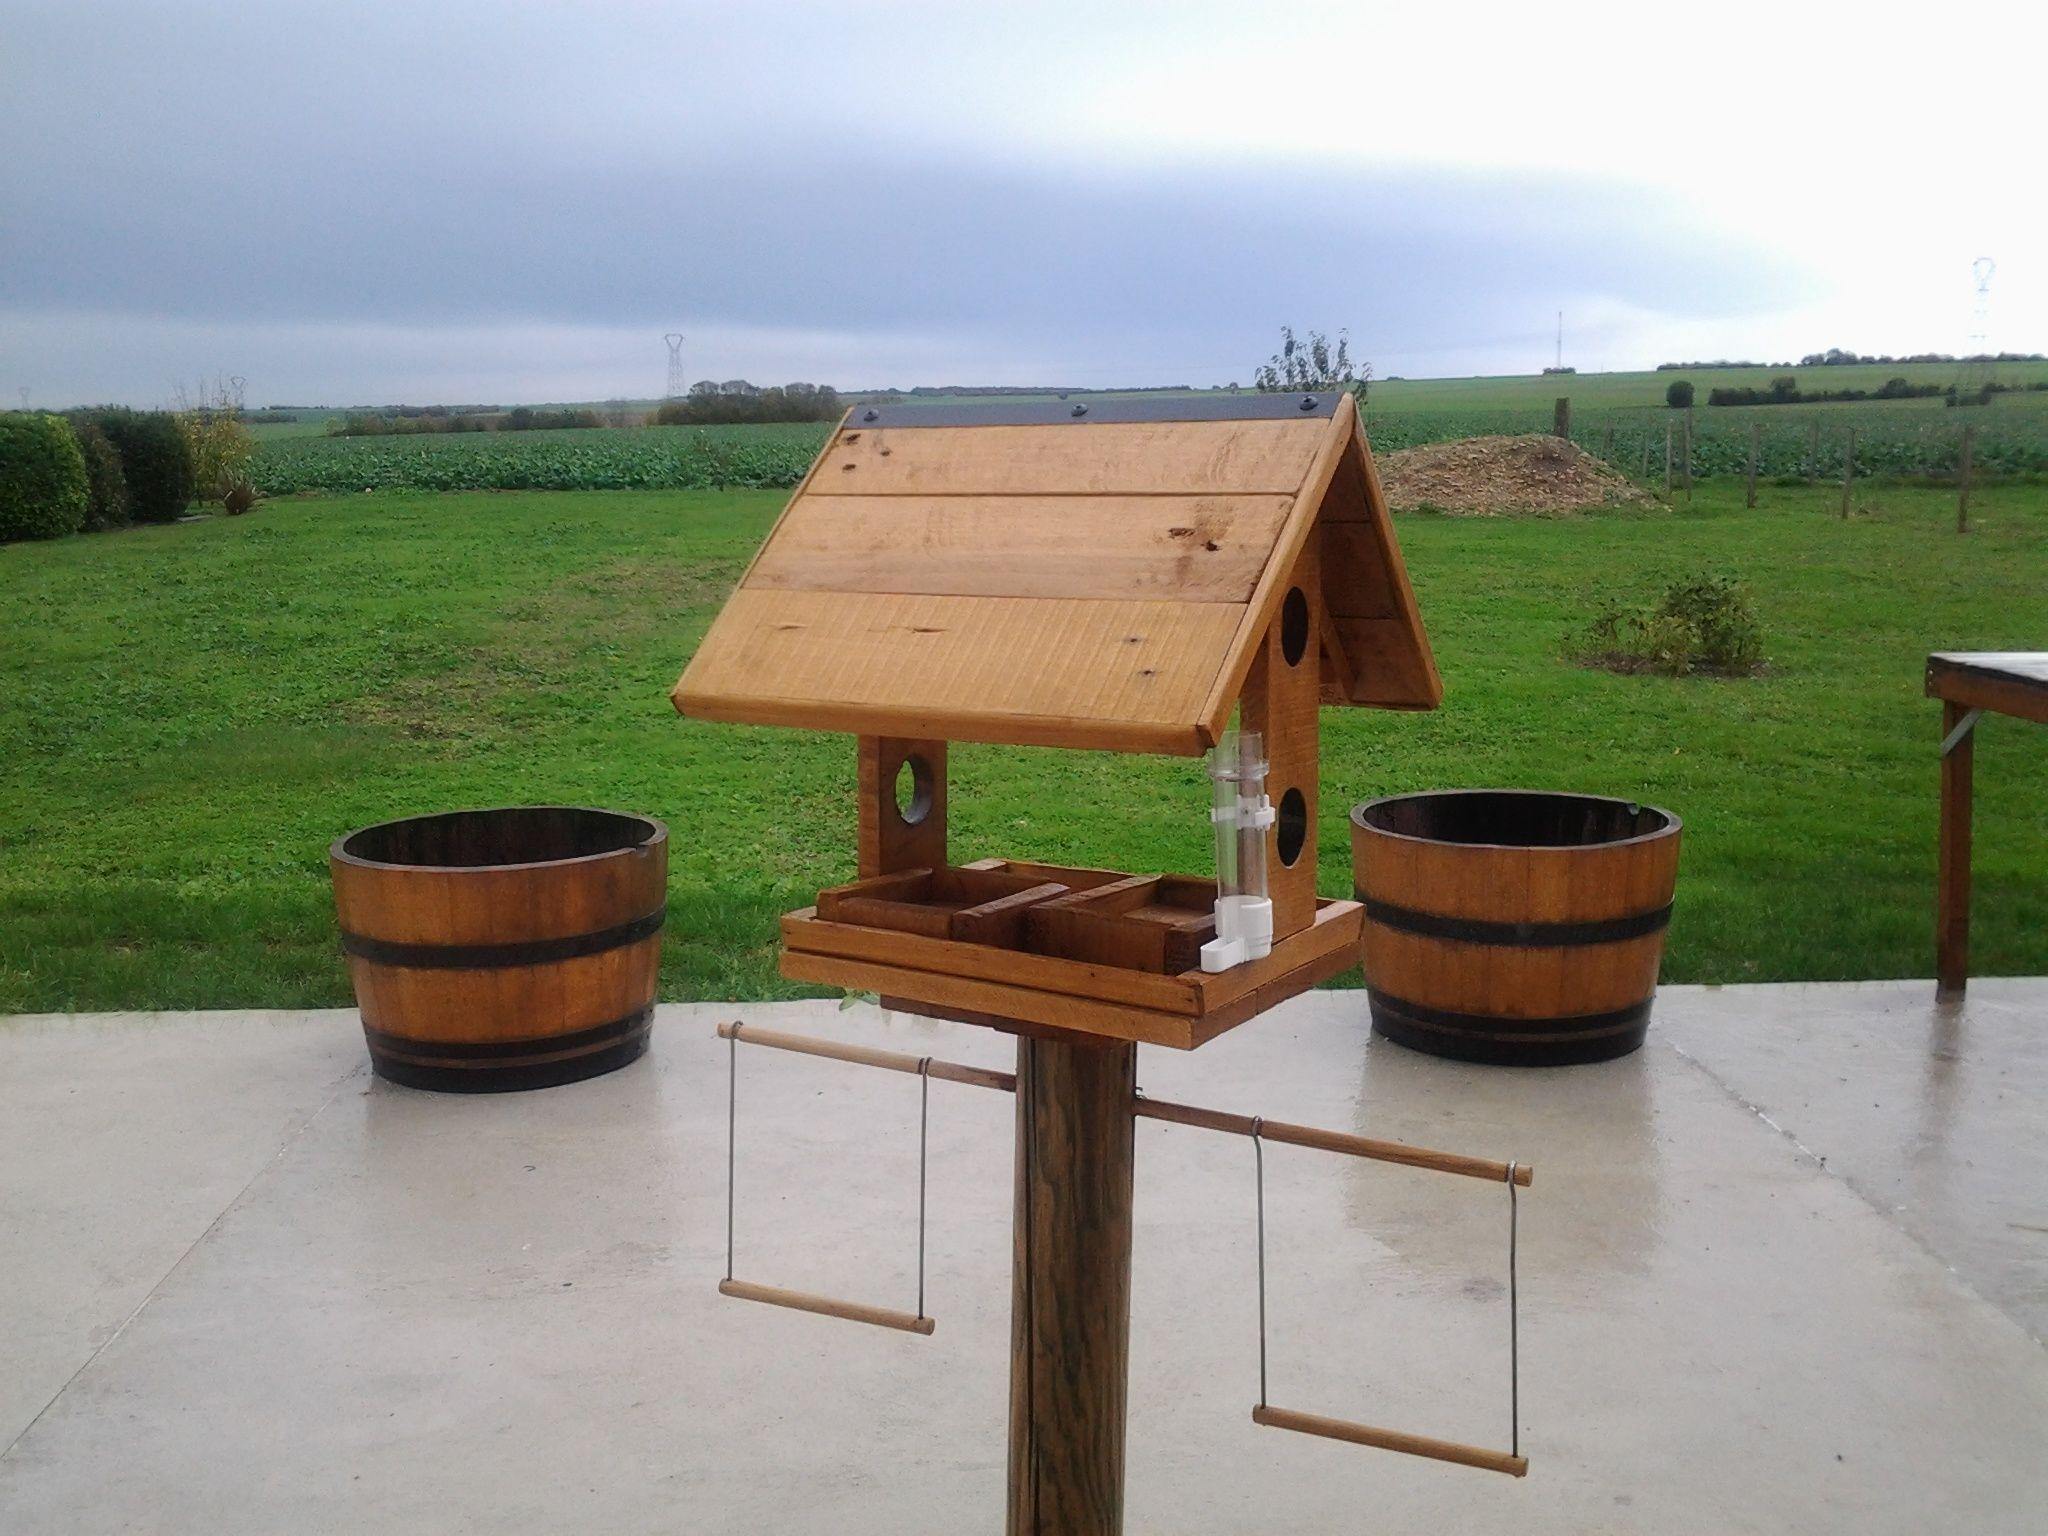 Mangeoire pour oiseaux pallet bird feeder maison en bois de palettes mangeoire et maisons - Maison oiseau bois ...